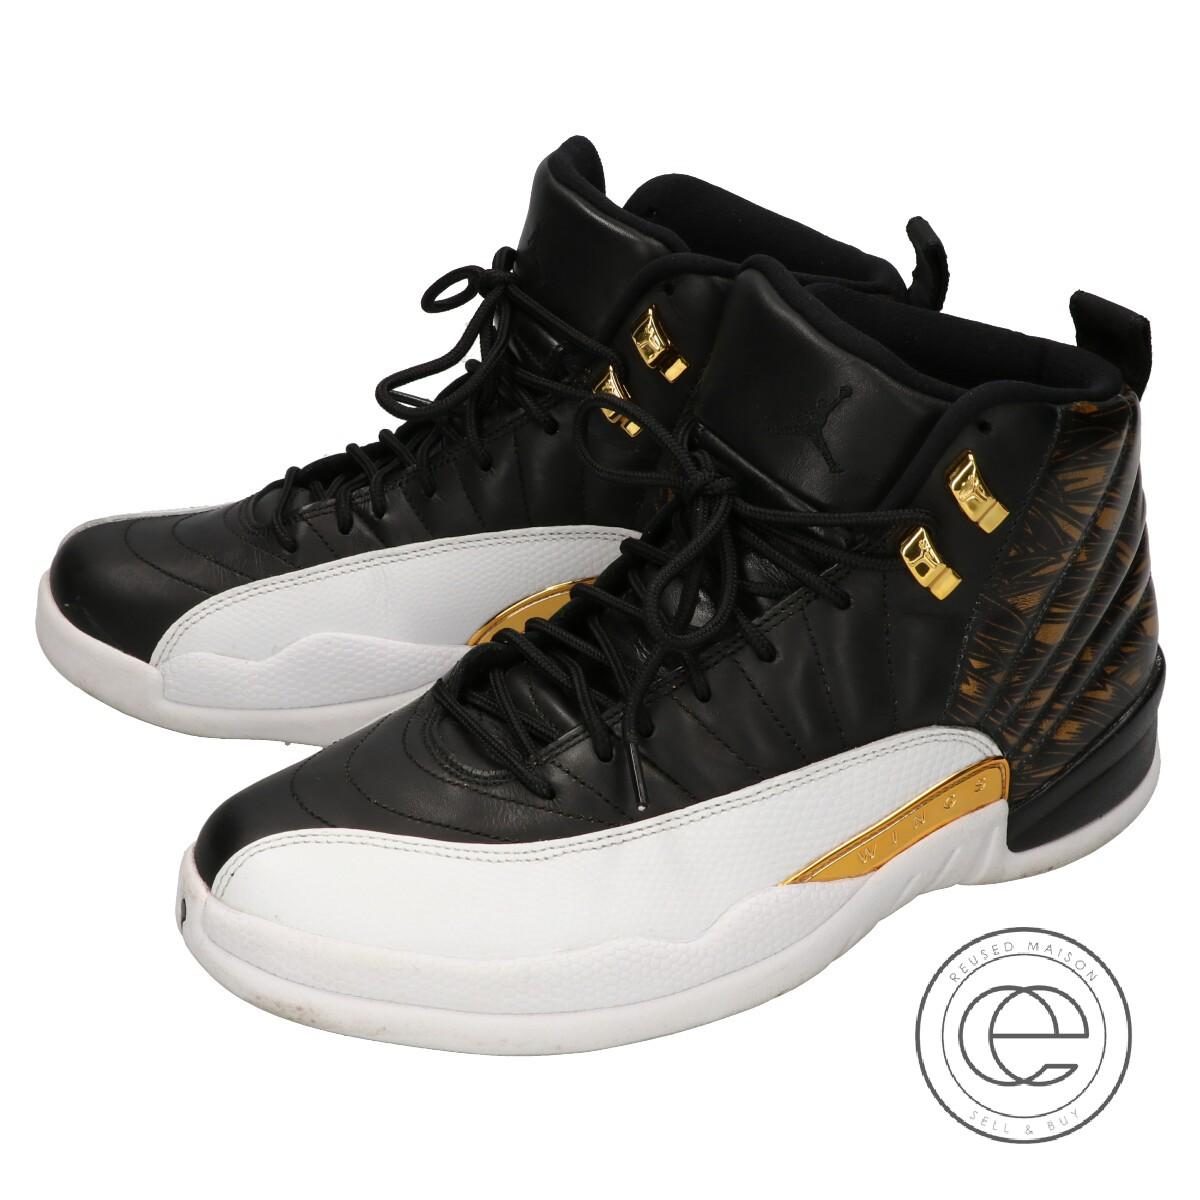 new product 13de5 0d28c NIKE Nike 848,692-033 AIR JORDAN 12 RETRO Air Jordan 12 nostalgic wings  sneakers 26.5 black / white men